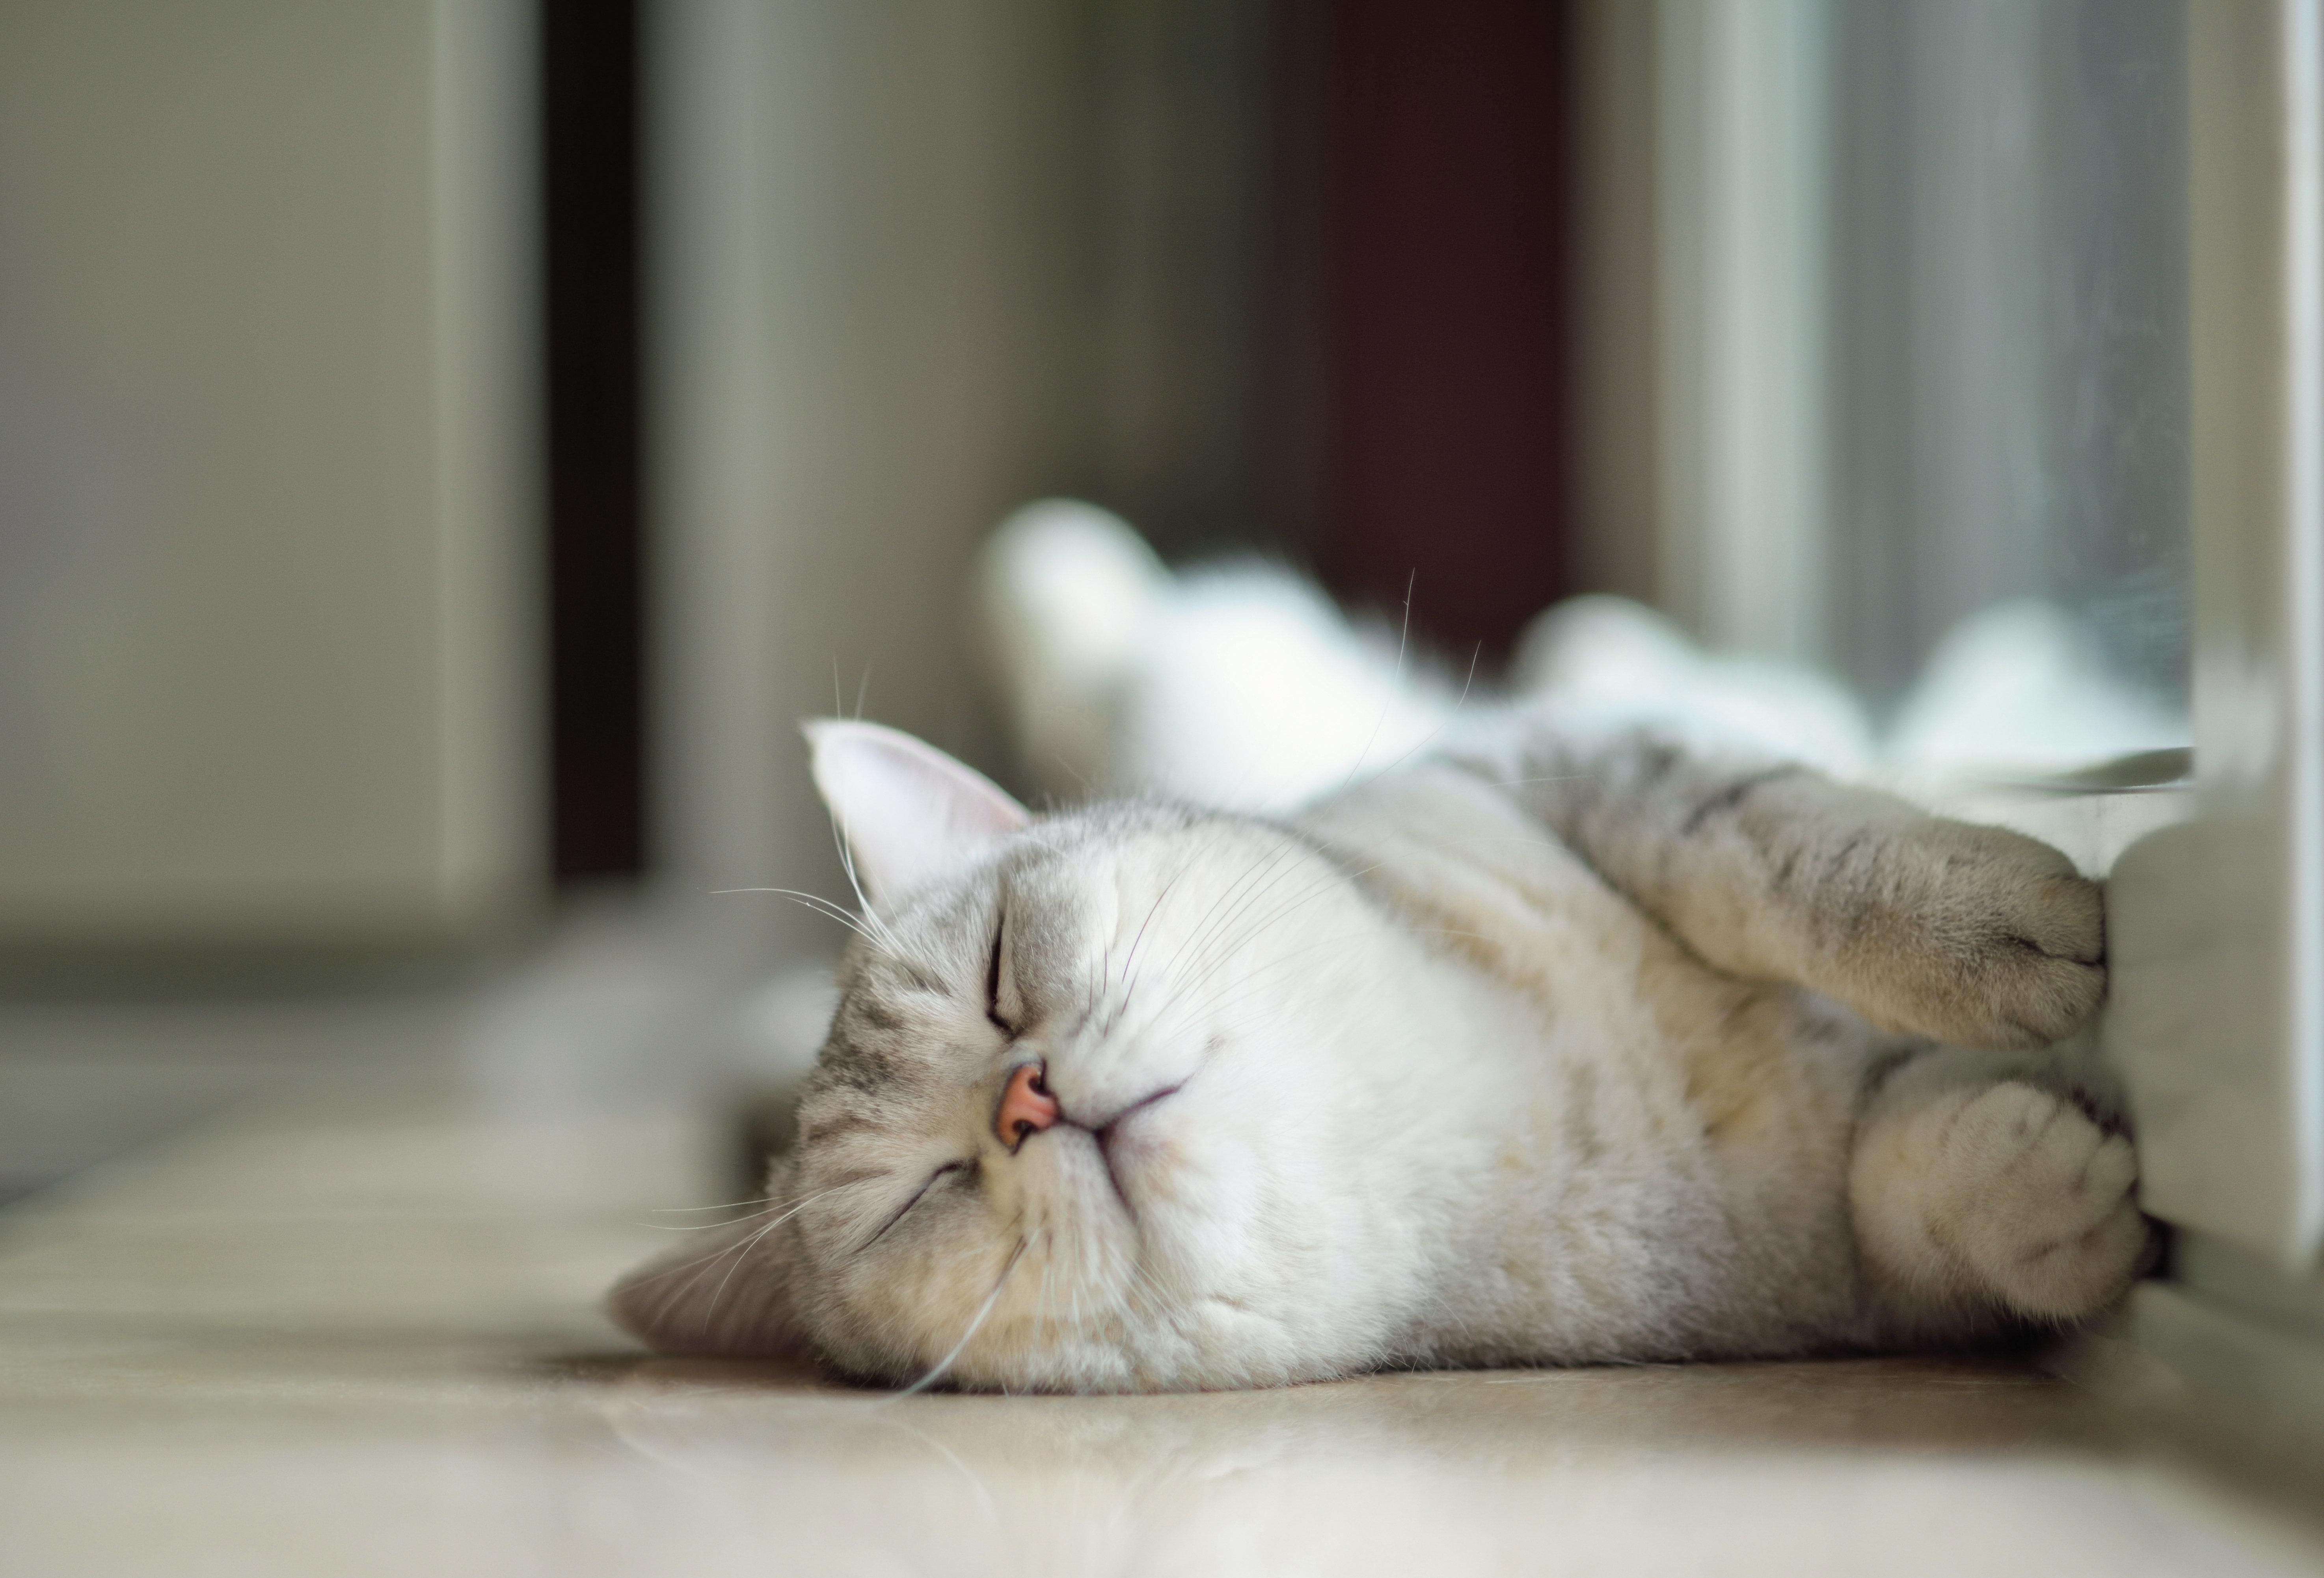 世界のニャンコが( ˘ω˘)スヤァ!!と眠る。猫のための子守唄「Lullaby For A